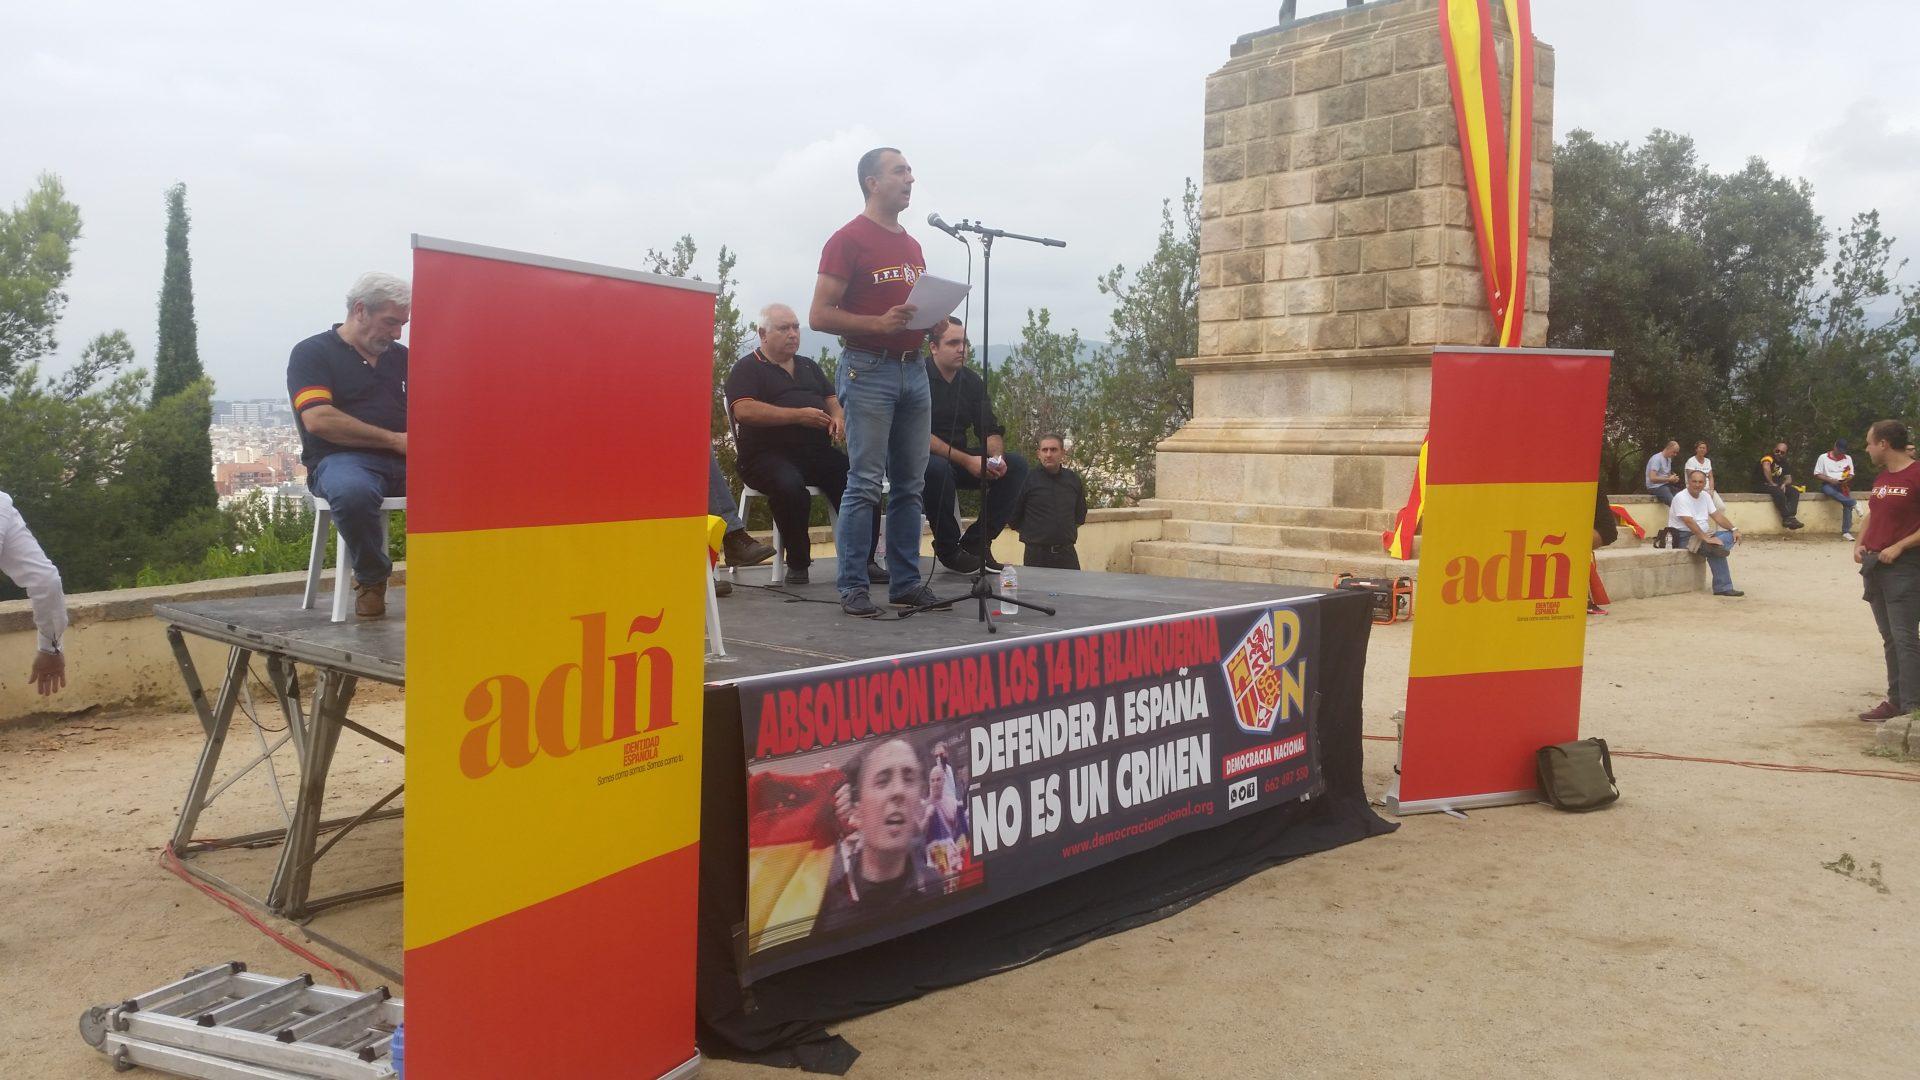 Discurso del Jefe Nacional de La Falange Manuel Andrino el 12 de Octubre en Montjuic